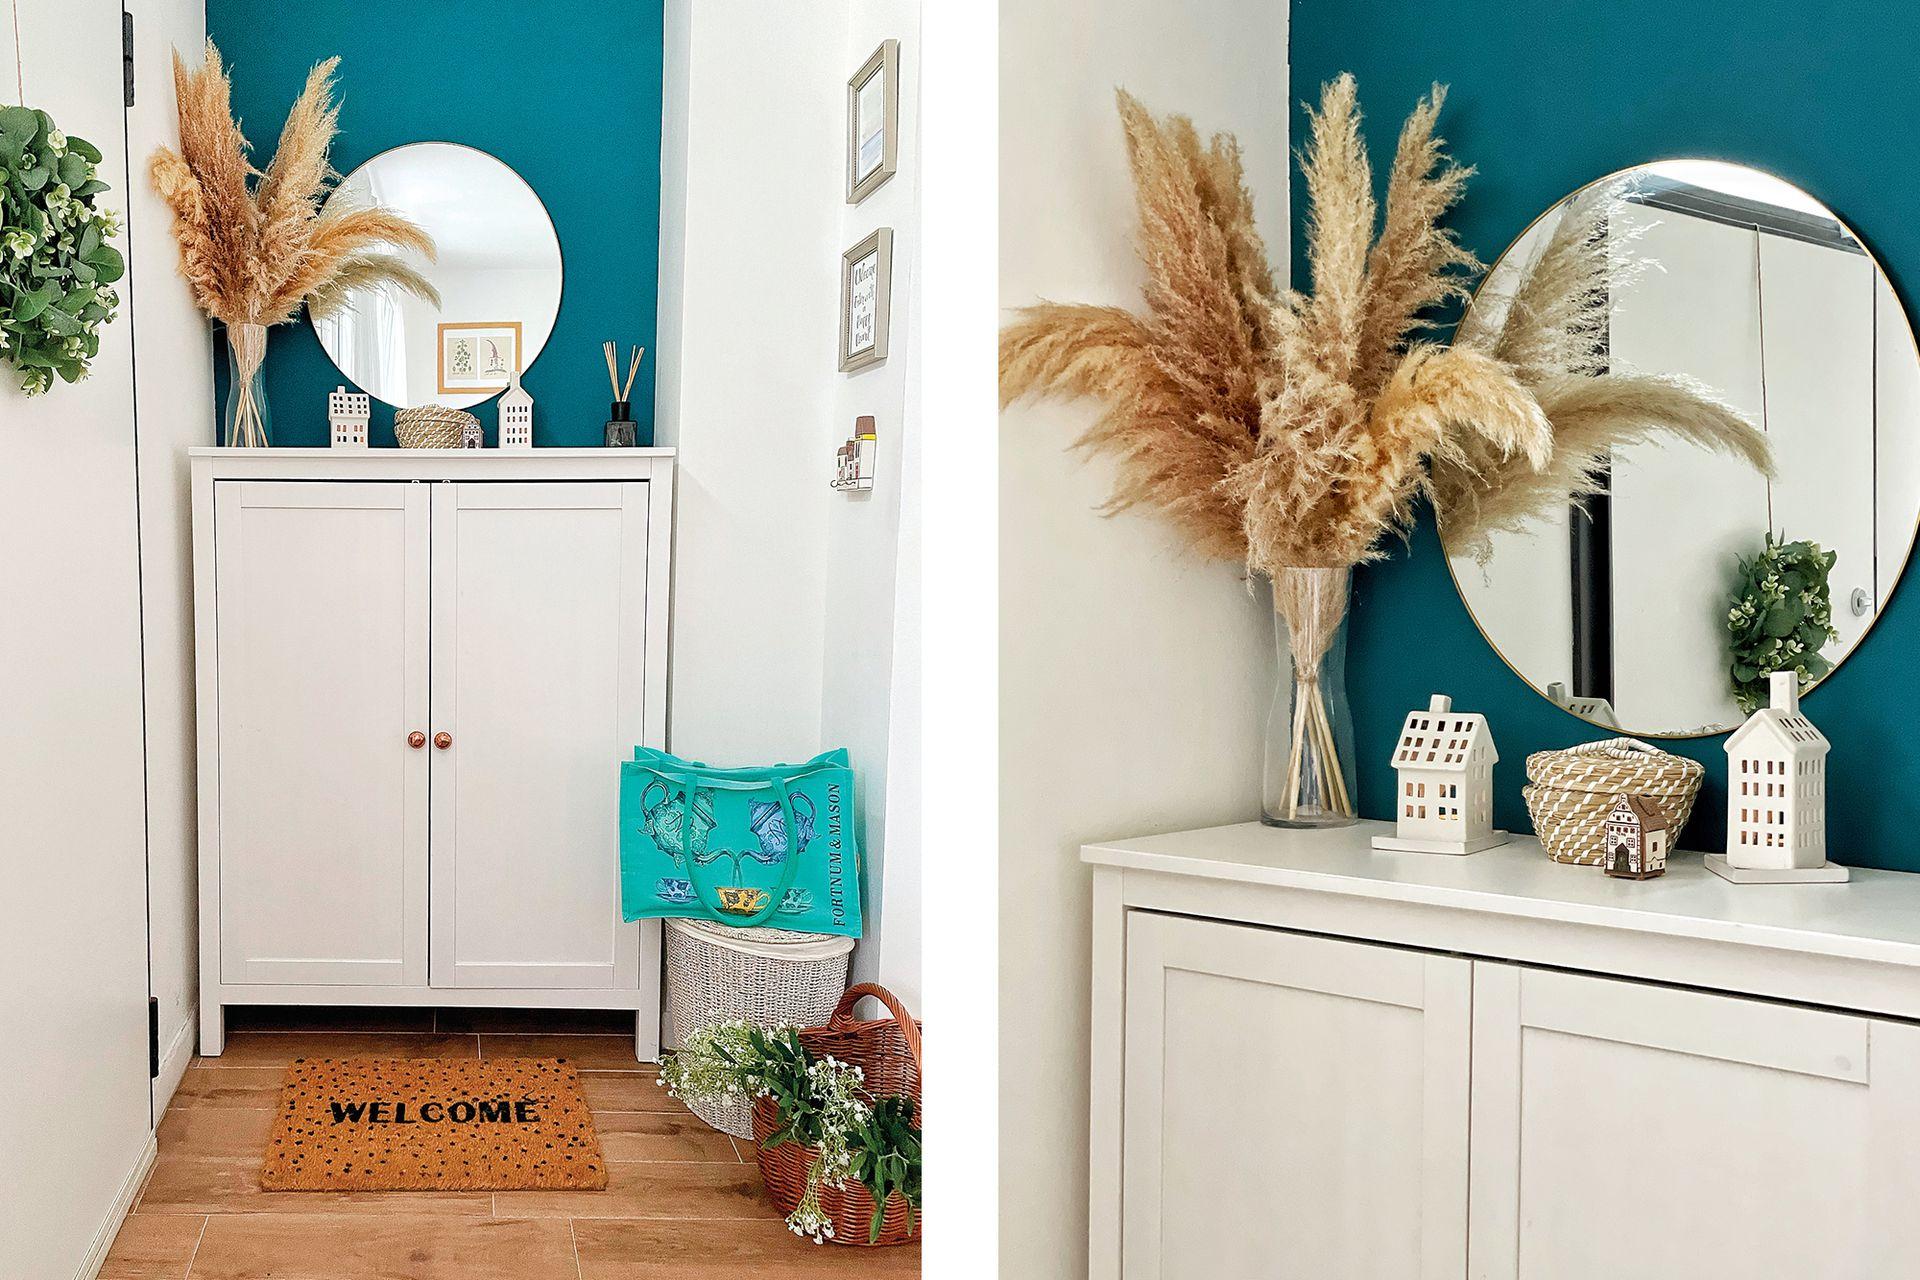 Uno de los rincones favoritos de Lorena es el recibidor, donde se pintó una pared también de azul para crear contraste con el mueble y el espejo.